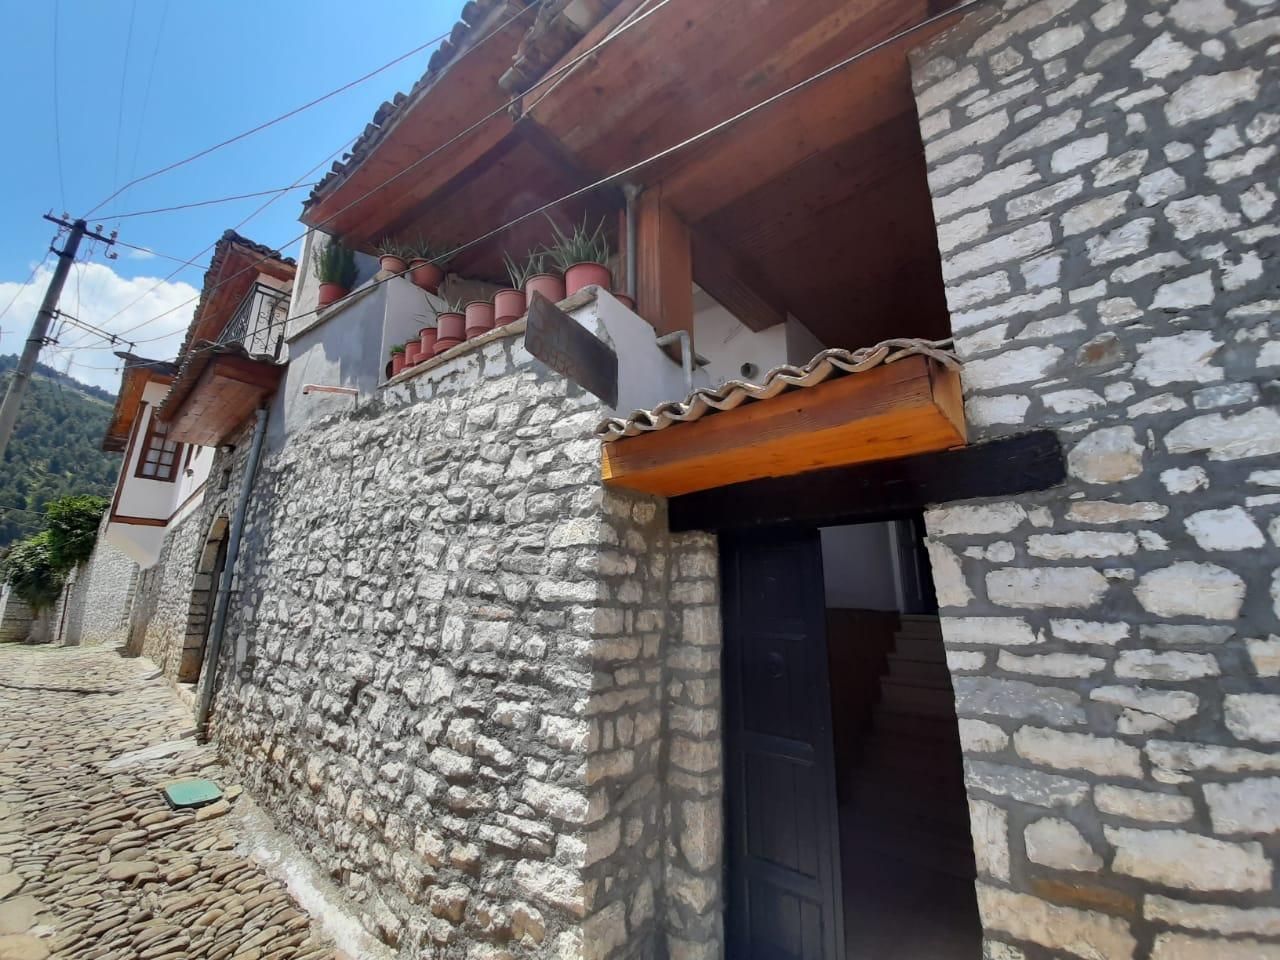 Shtepi 2 katshe dhe verand lagje mangalem